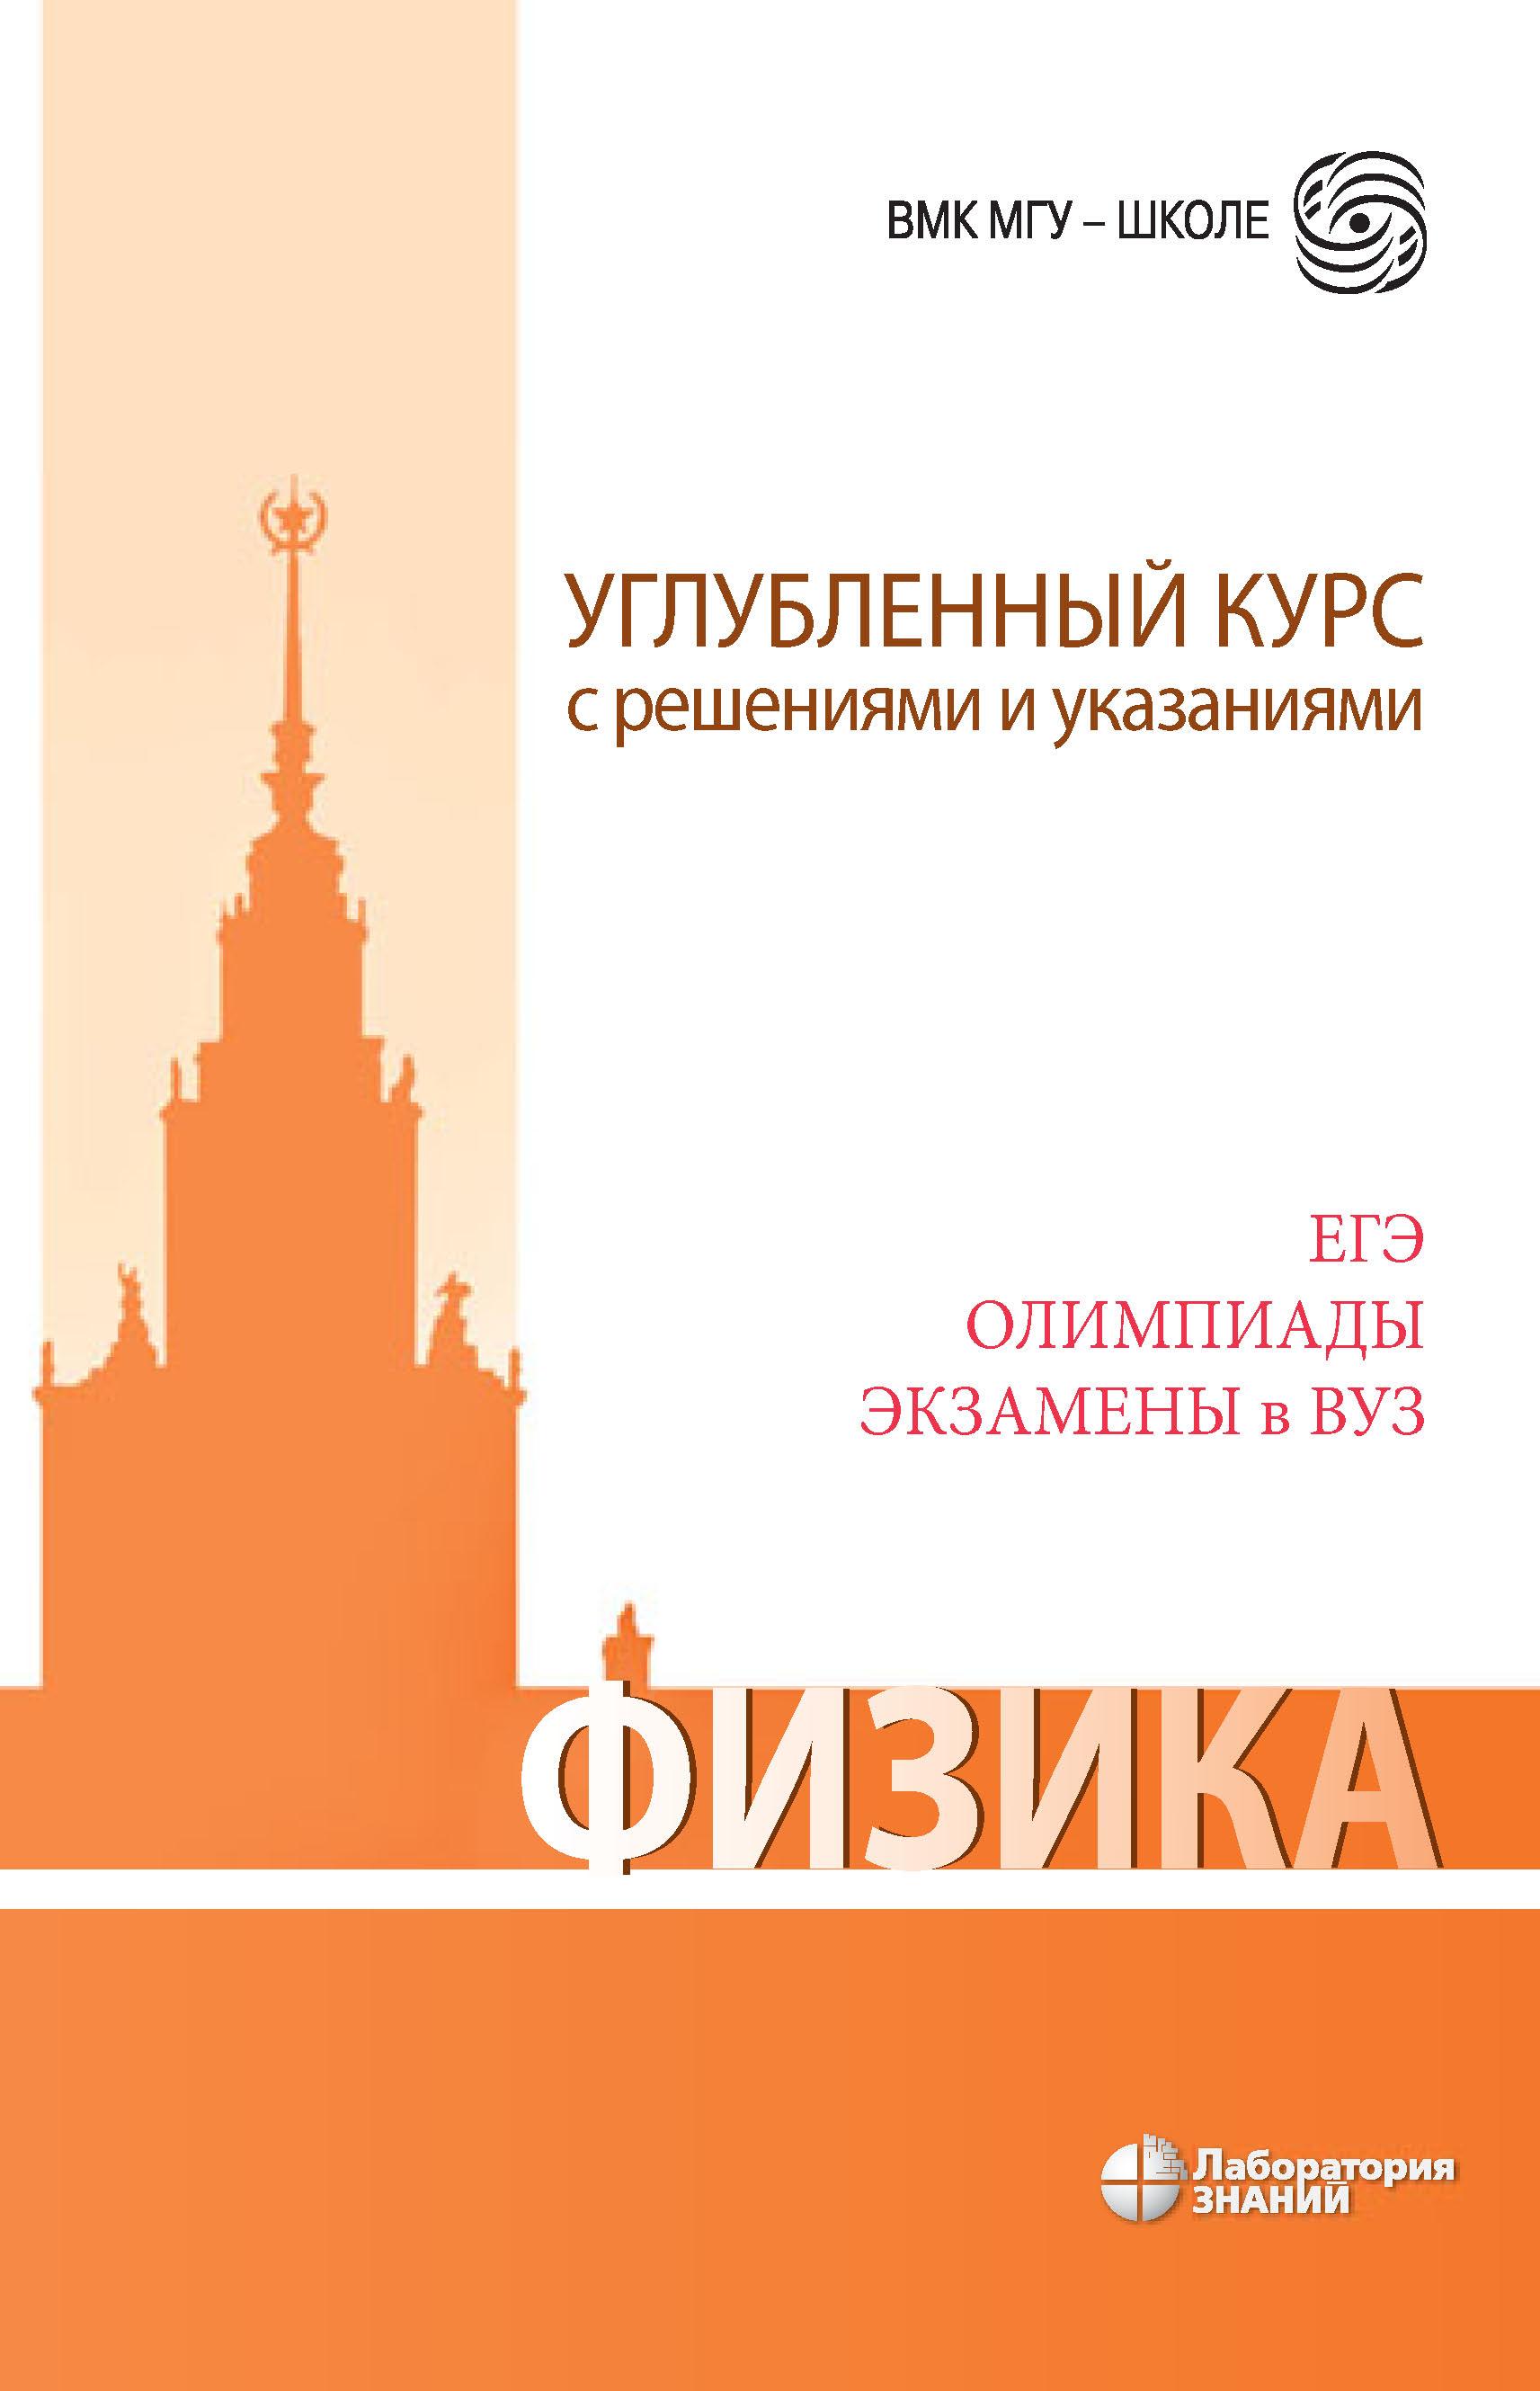 цена на Е. А. Вишнякова Физика. Углубленный курс с решениями и указаниями